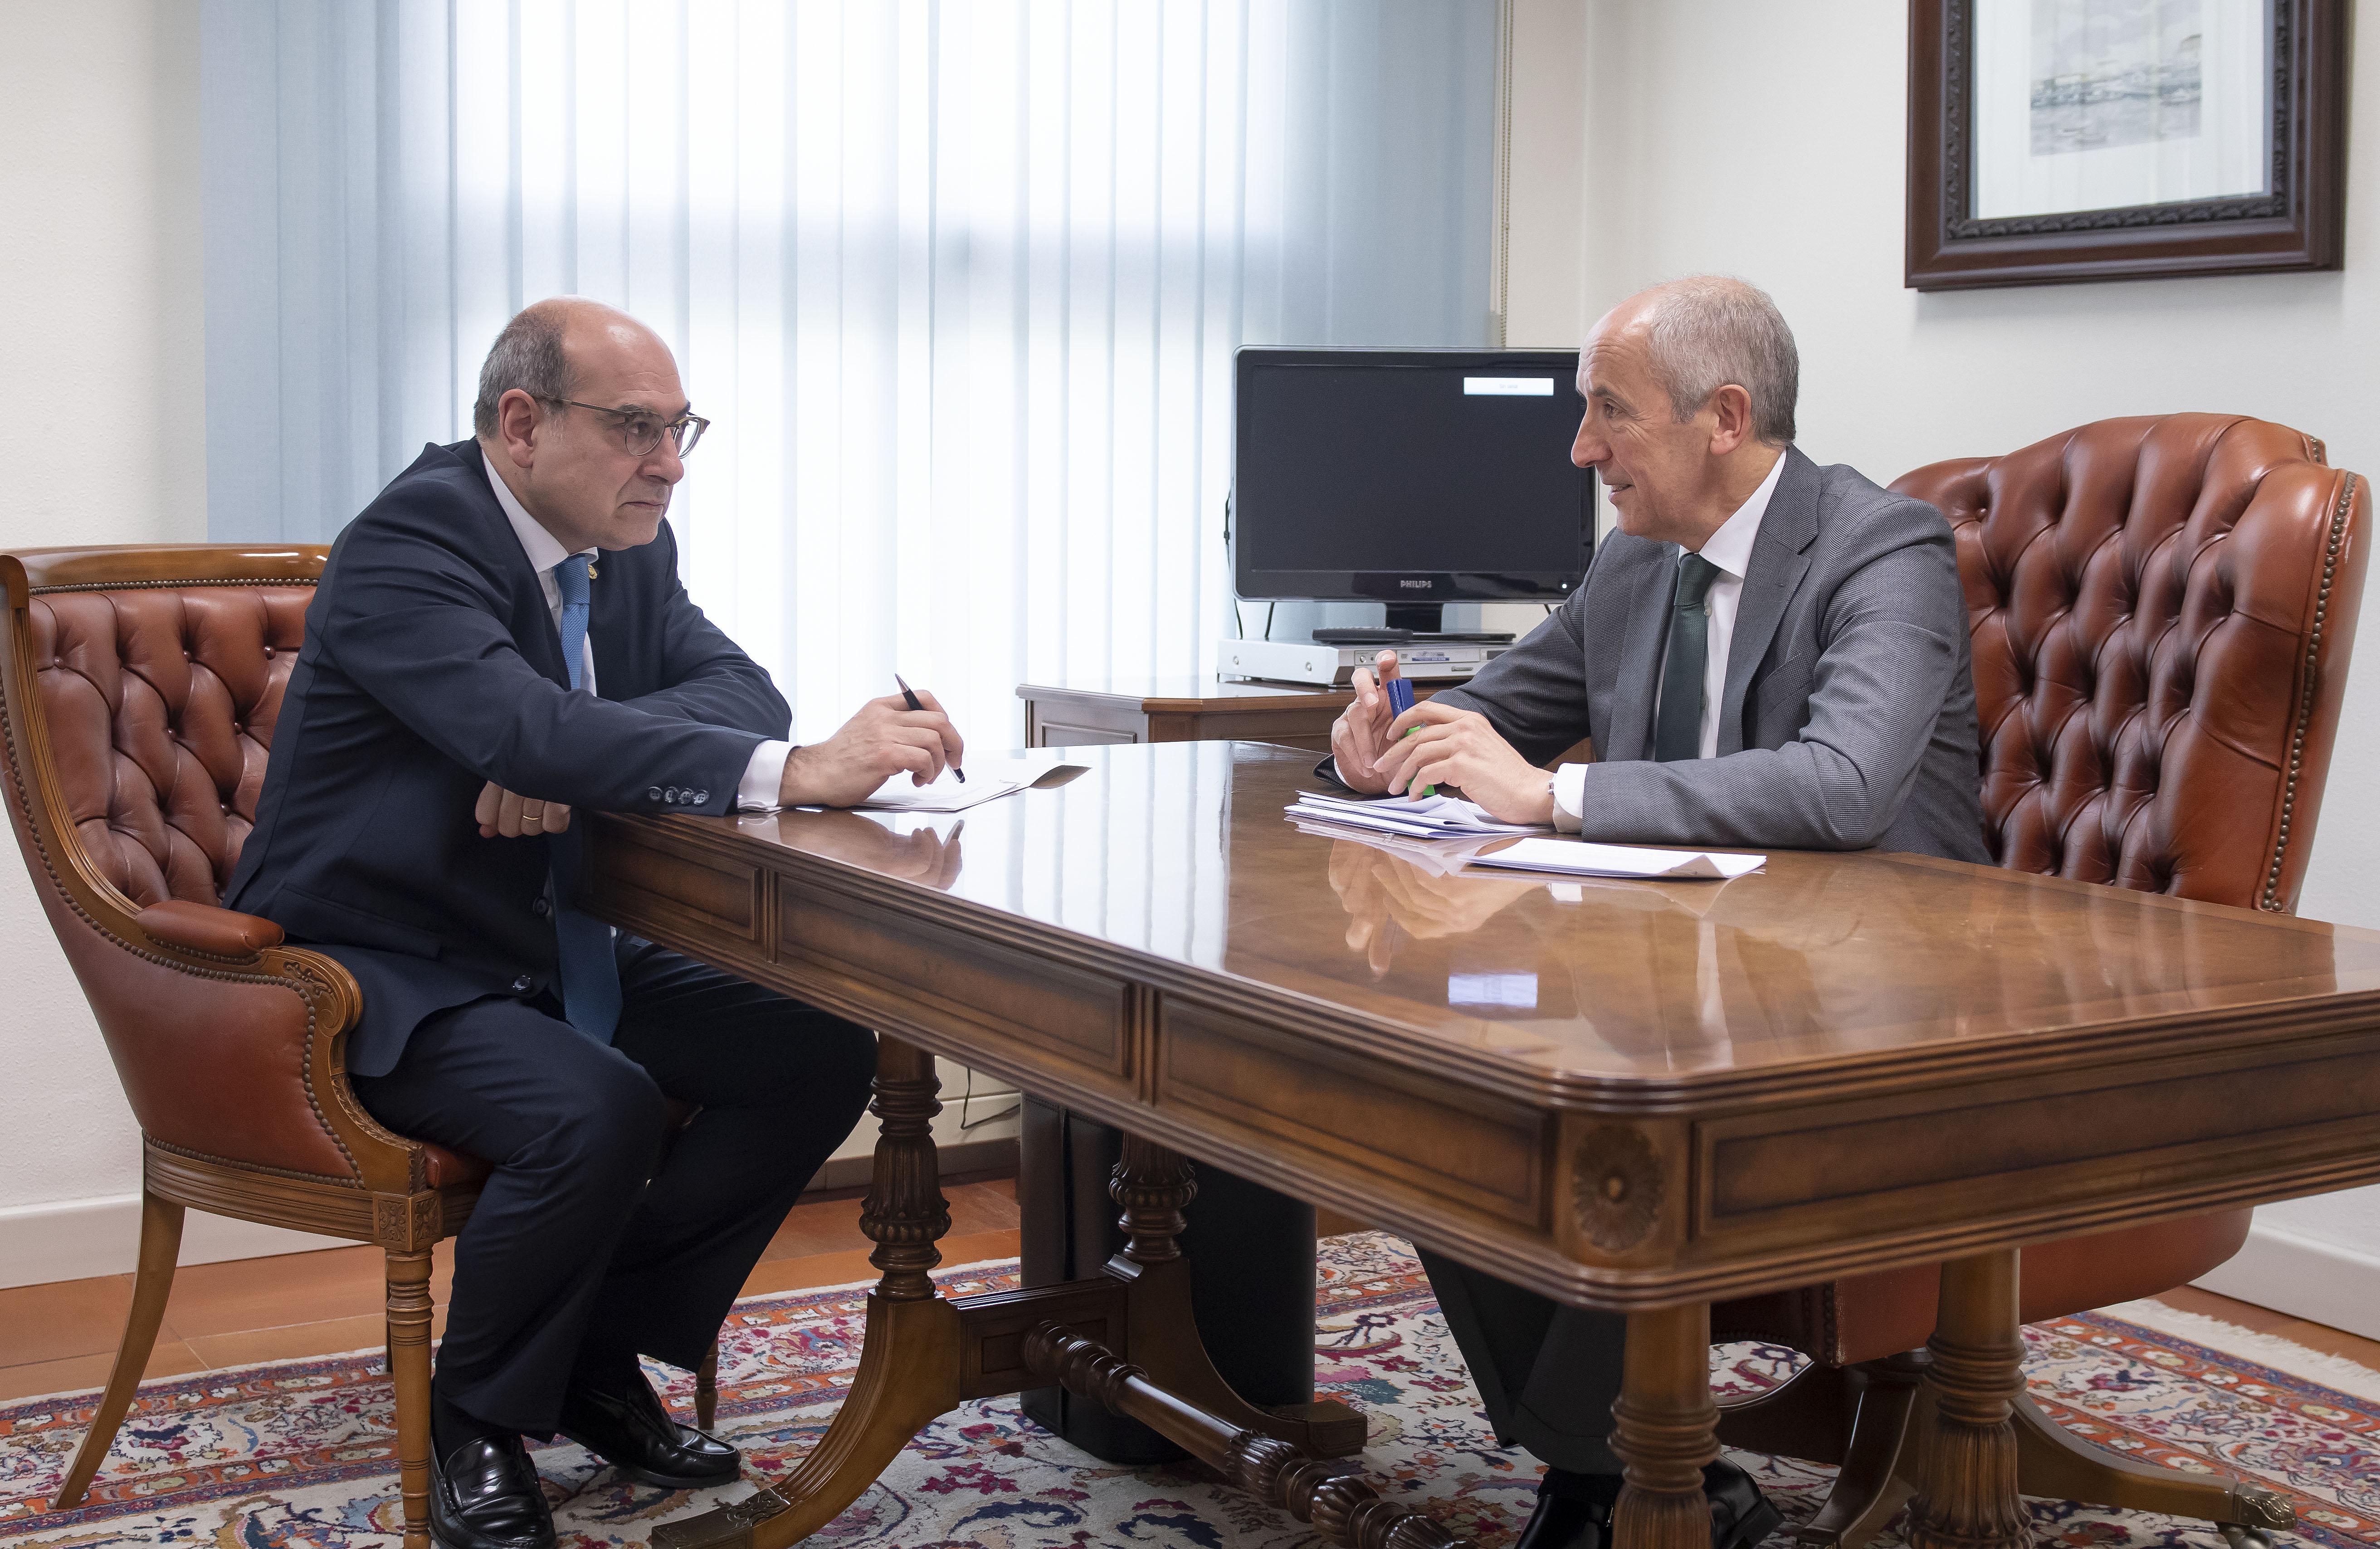 El Lehendakari ha agradecido a los agentes internacionales su participación e implicación en el final de ETA